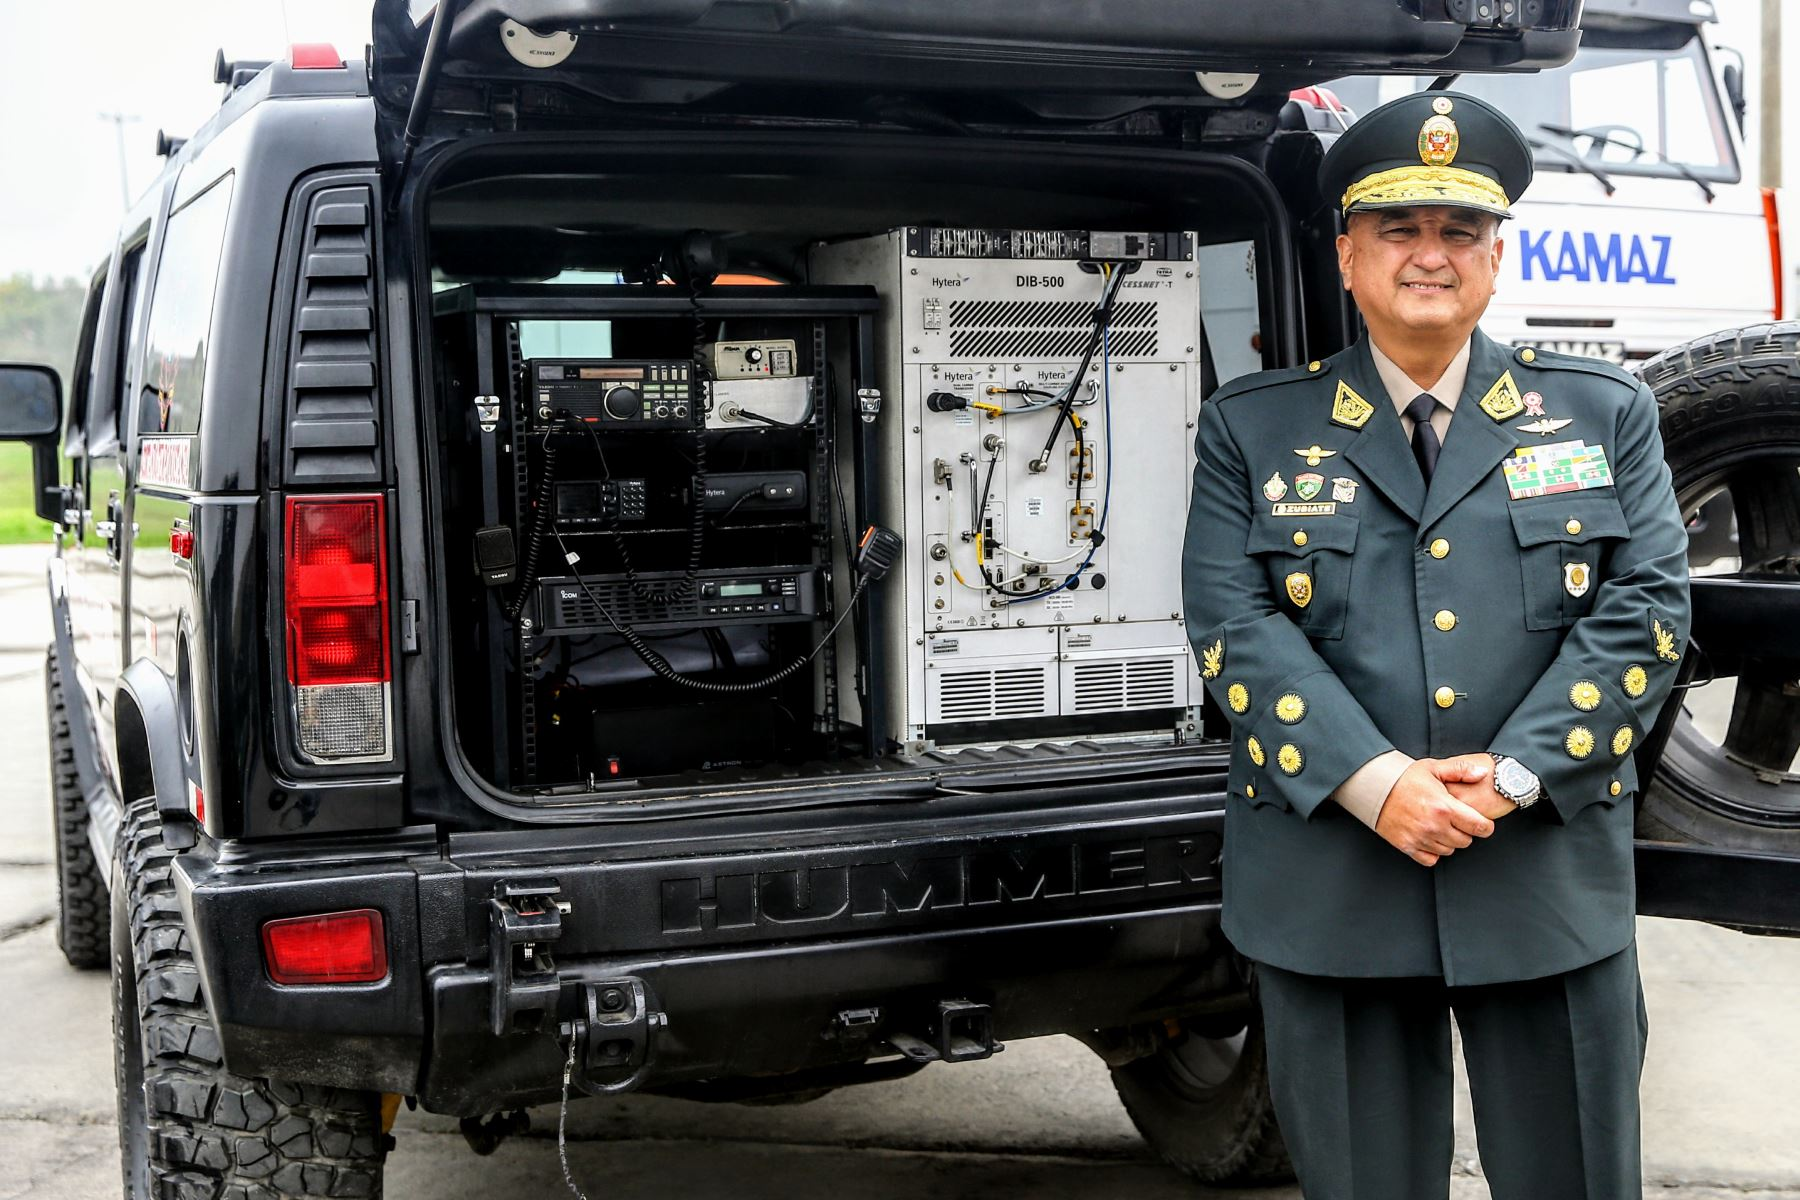 Director general de la Policía Nacional Richard Zubiate, presenta Centro de Comunicaciones Móvil de la PNP en la feria Innova - 2018 que organiza el Ejército del Perú. ANDINA/Luis Iparraguirre